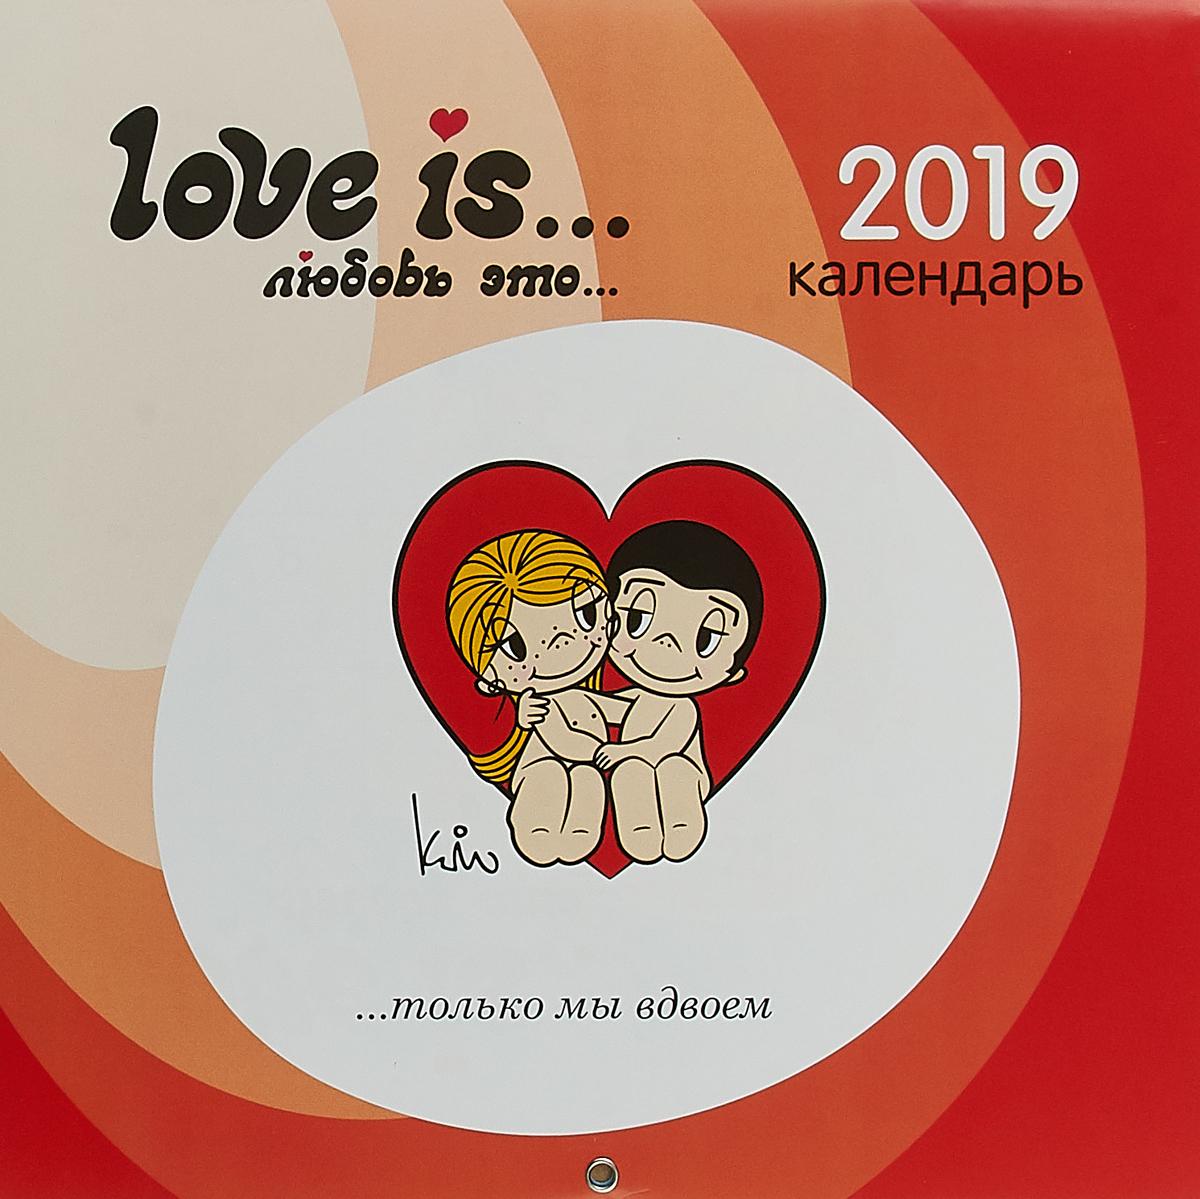 Календарь настенный 2019. Love is...